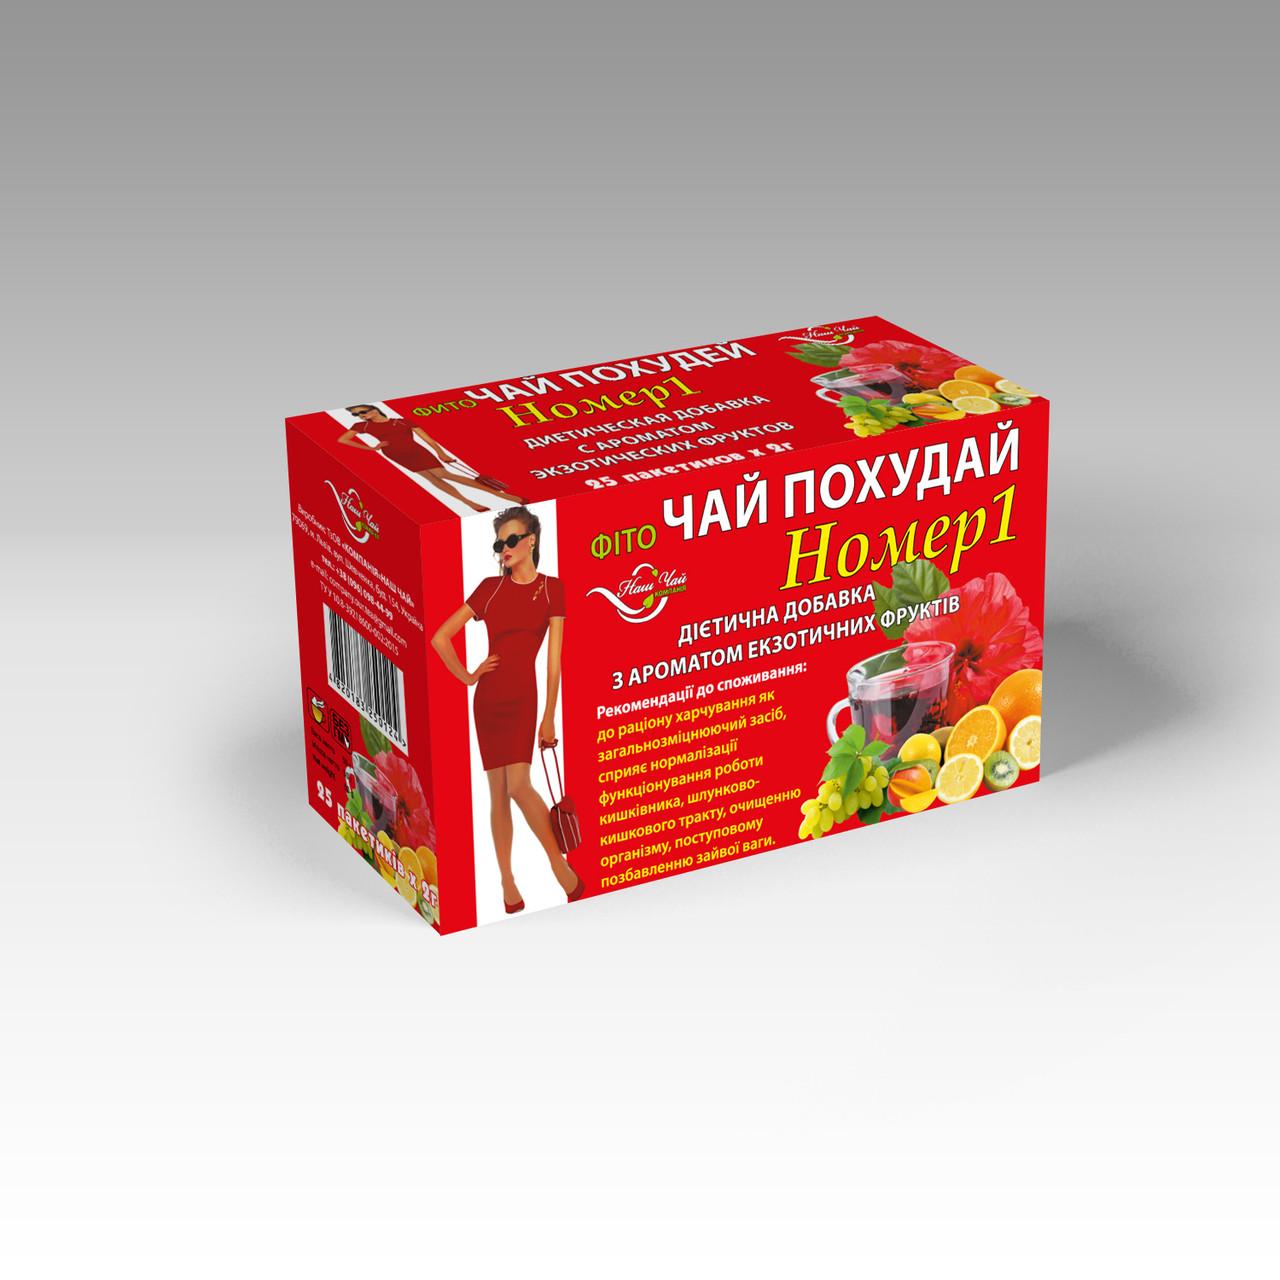 Фито чай Похудай номер 1 с ароматом Экзотические фрукты  (в упаковке микс)